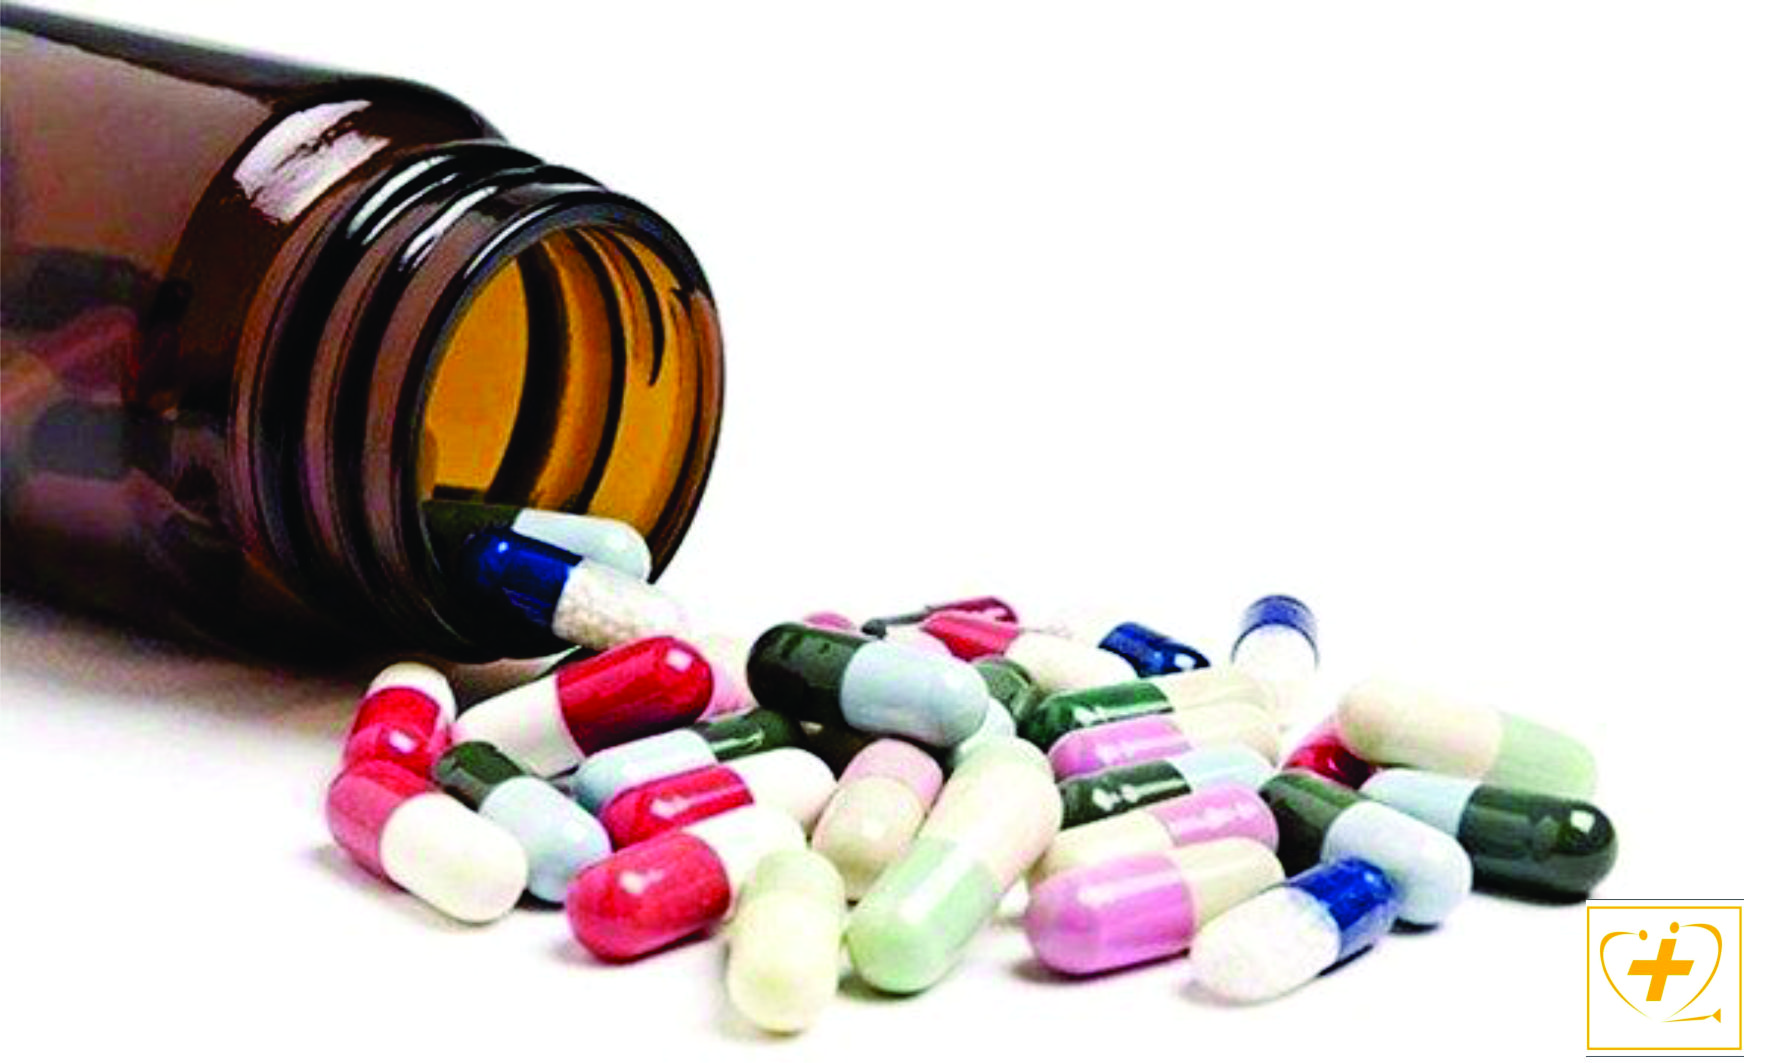 Thuốc điều trị thoái hóa cột sống